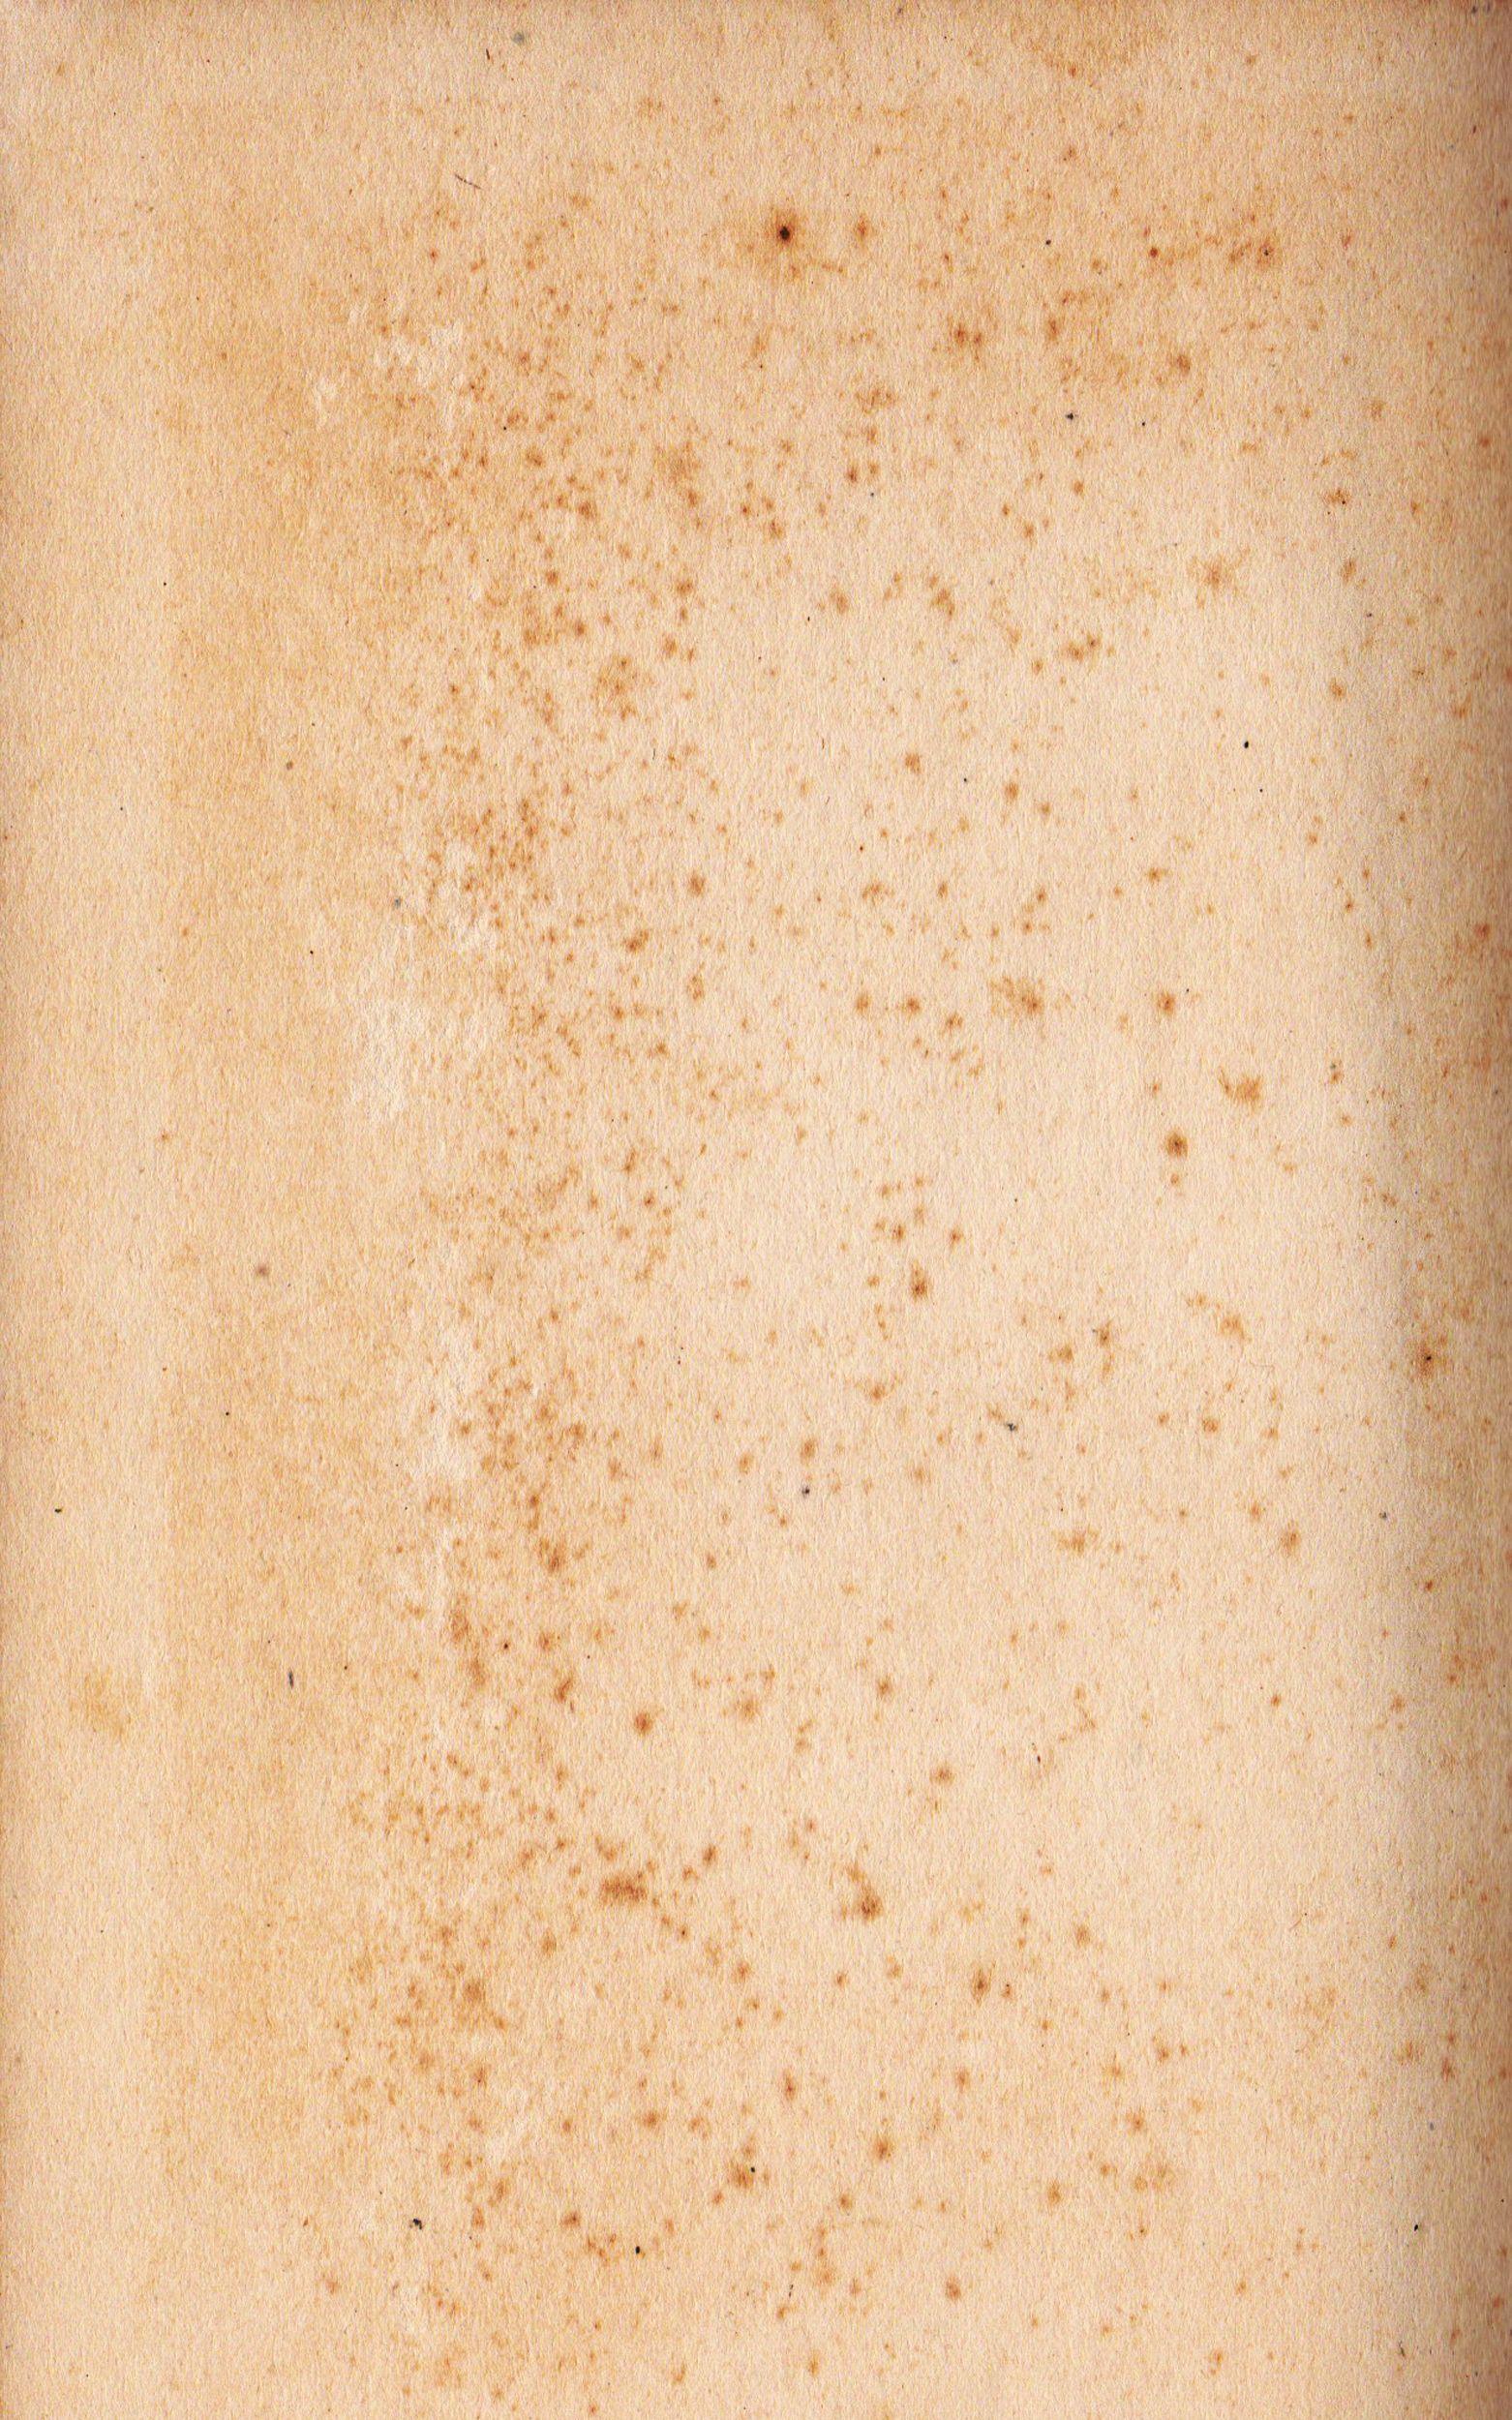 Free Tan Vintage Paper Texture Texture L T Vintage Paper Textures Paper Texture Free Paper Texture